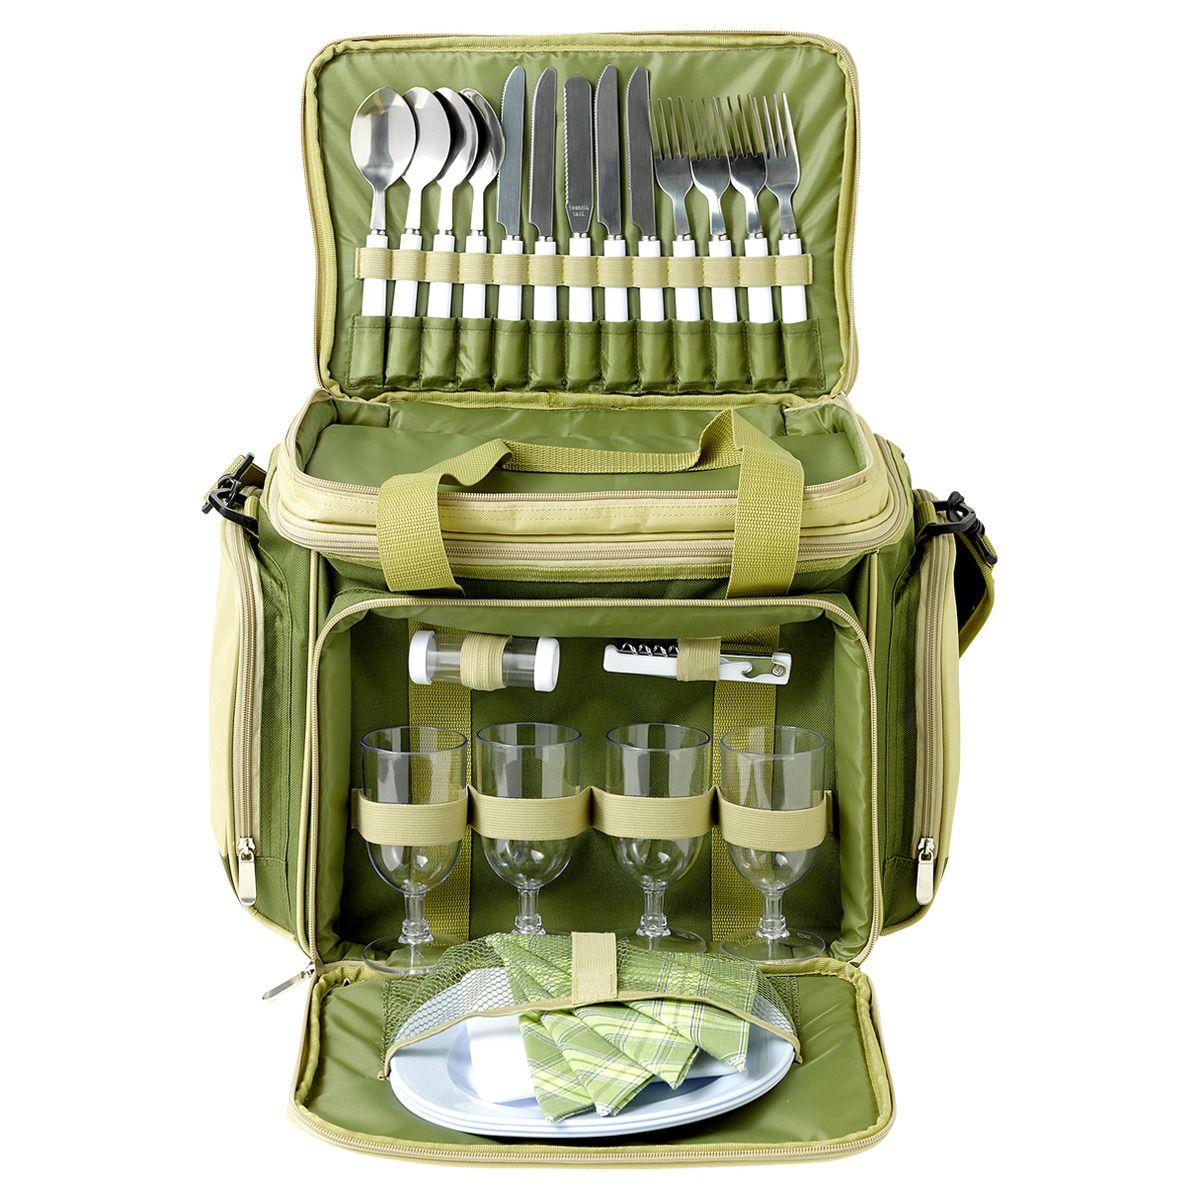 Bolsa nevera picnic verde Artesanato, Coisas para comprar